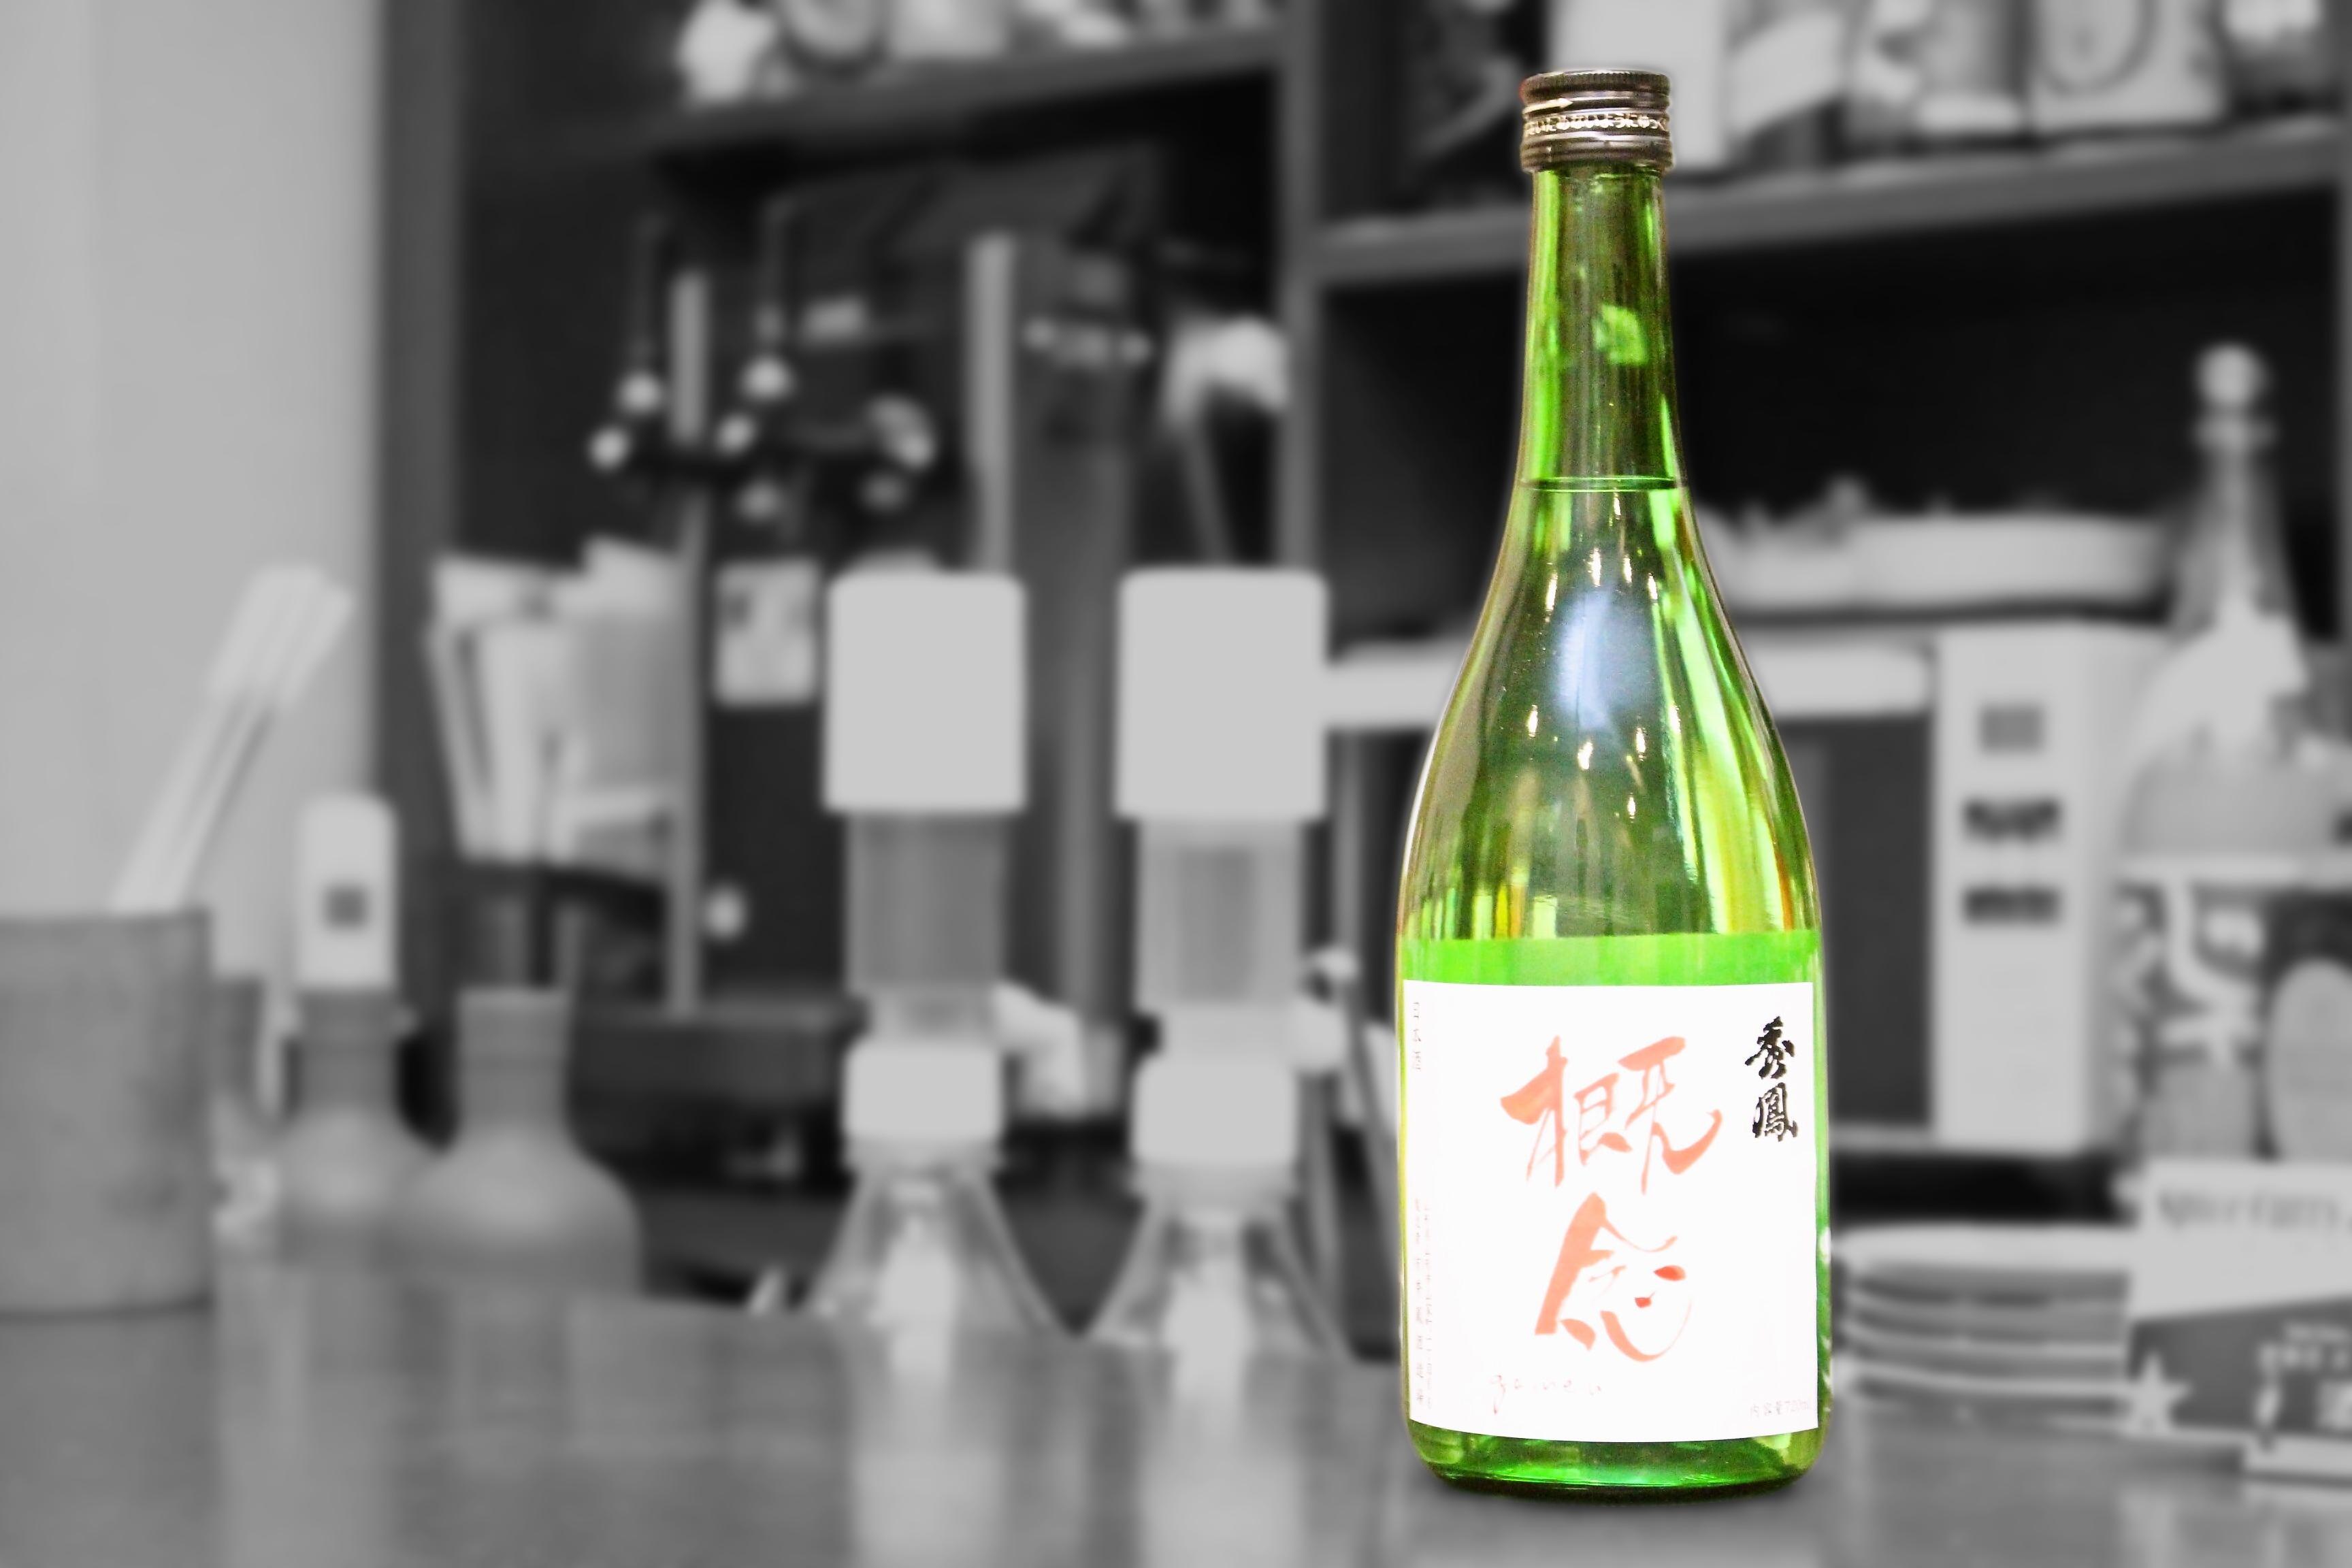 秀鳳本醸造概念202002-001